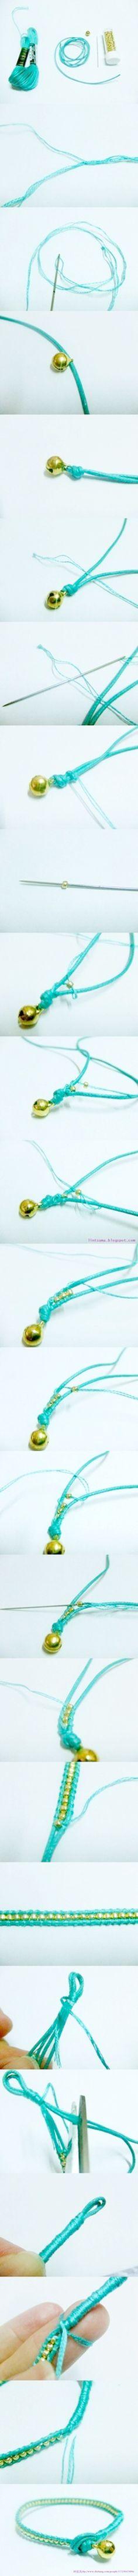 #DIY cotton #bracelet with beads | semplice e carino: #faidate braccialetto in cotone